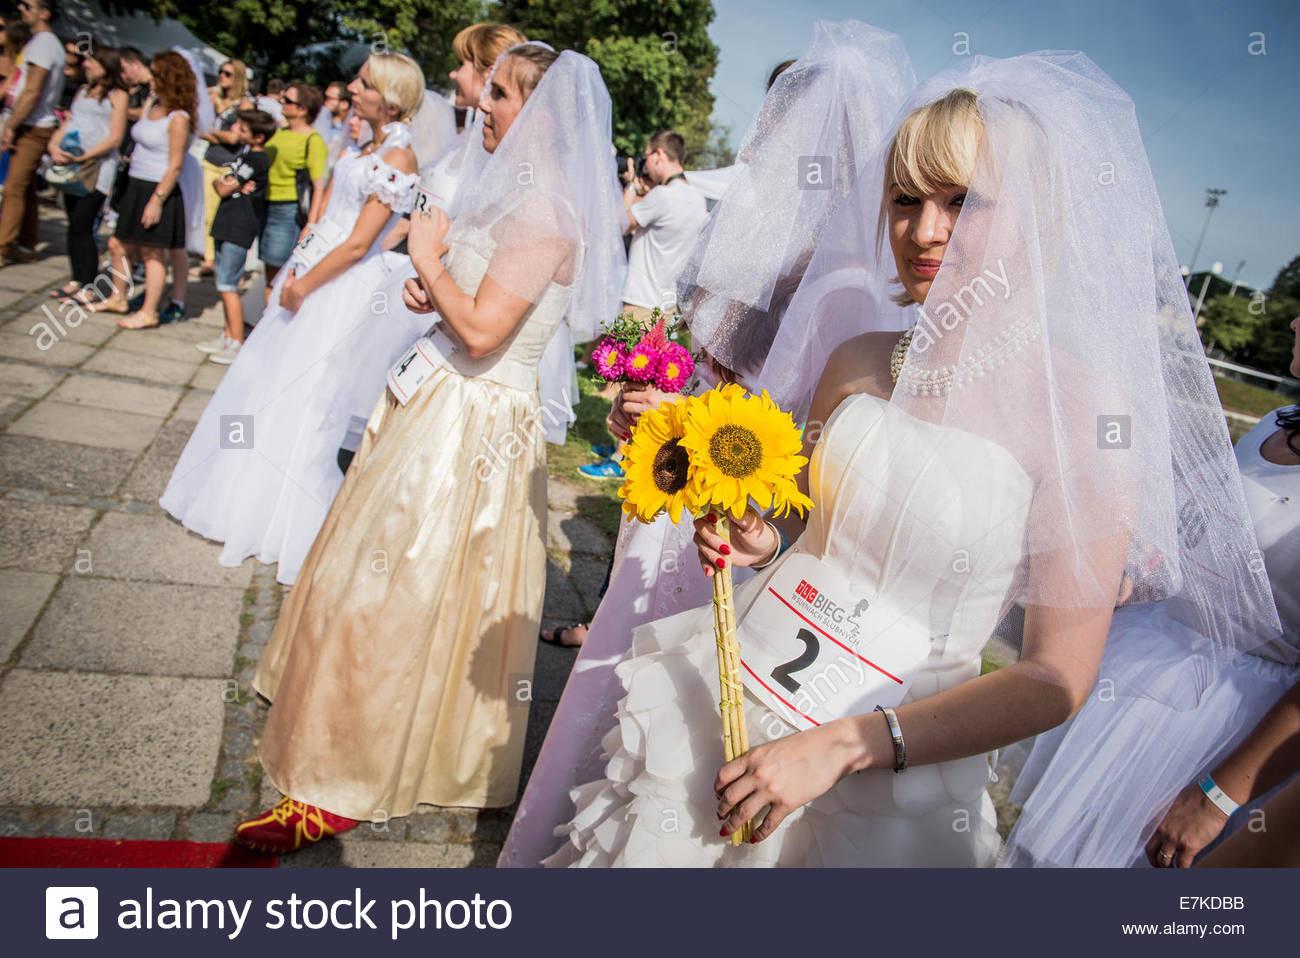 Polnische Hochzeit Stockfotos & Polnische Hochzeit Bilder